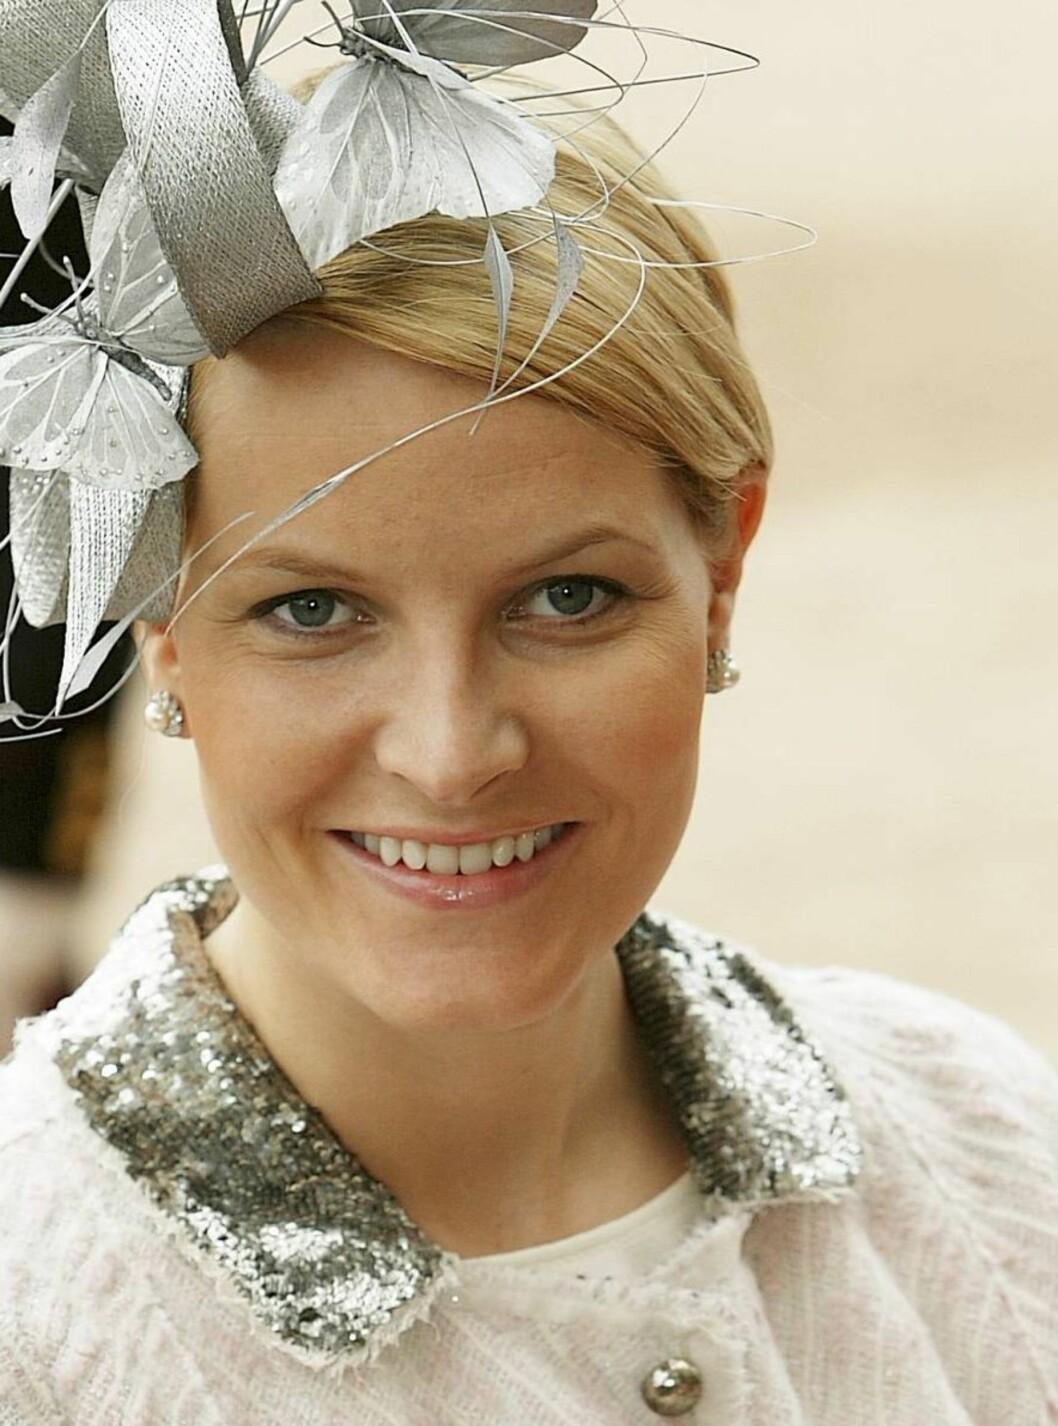 SOMMERFUGLER: Under Sverre Magnus' dåp stilte kronprinsessen i en sølvfarget kreasjon med sommerfugler. Foto: Se og Hør